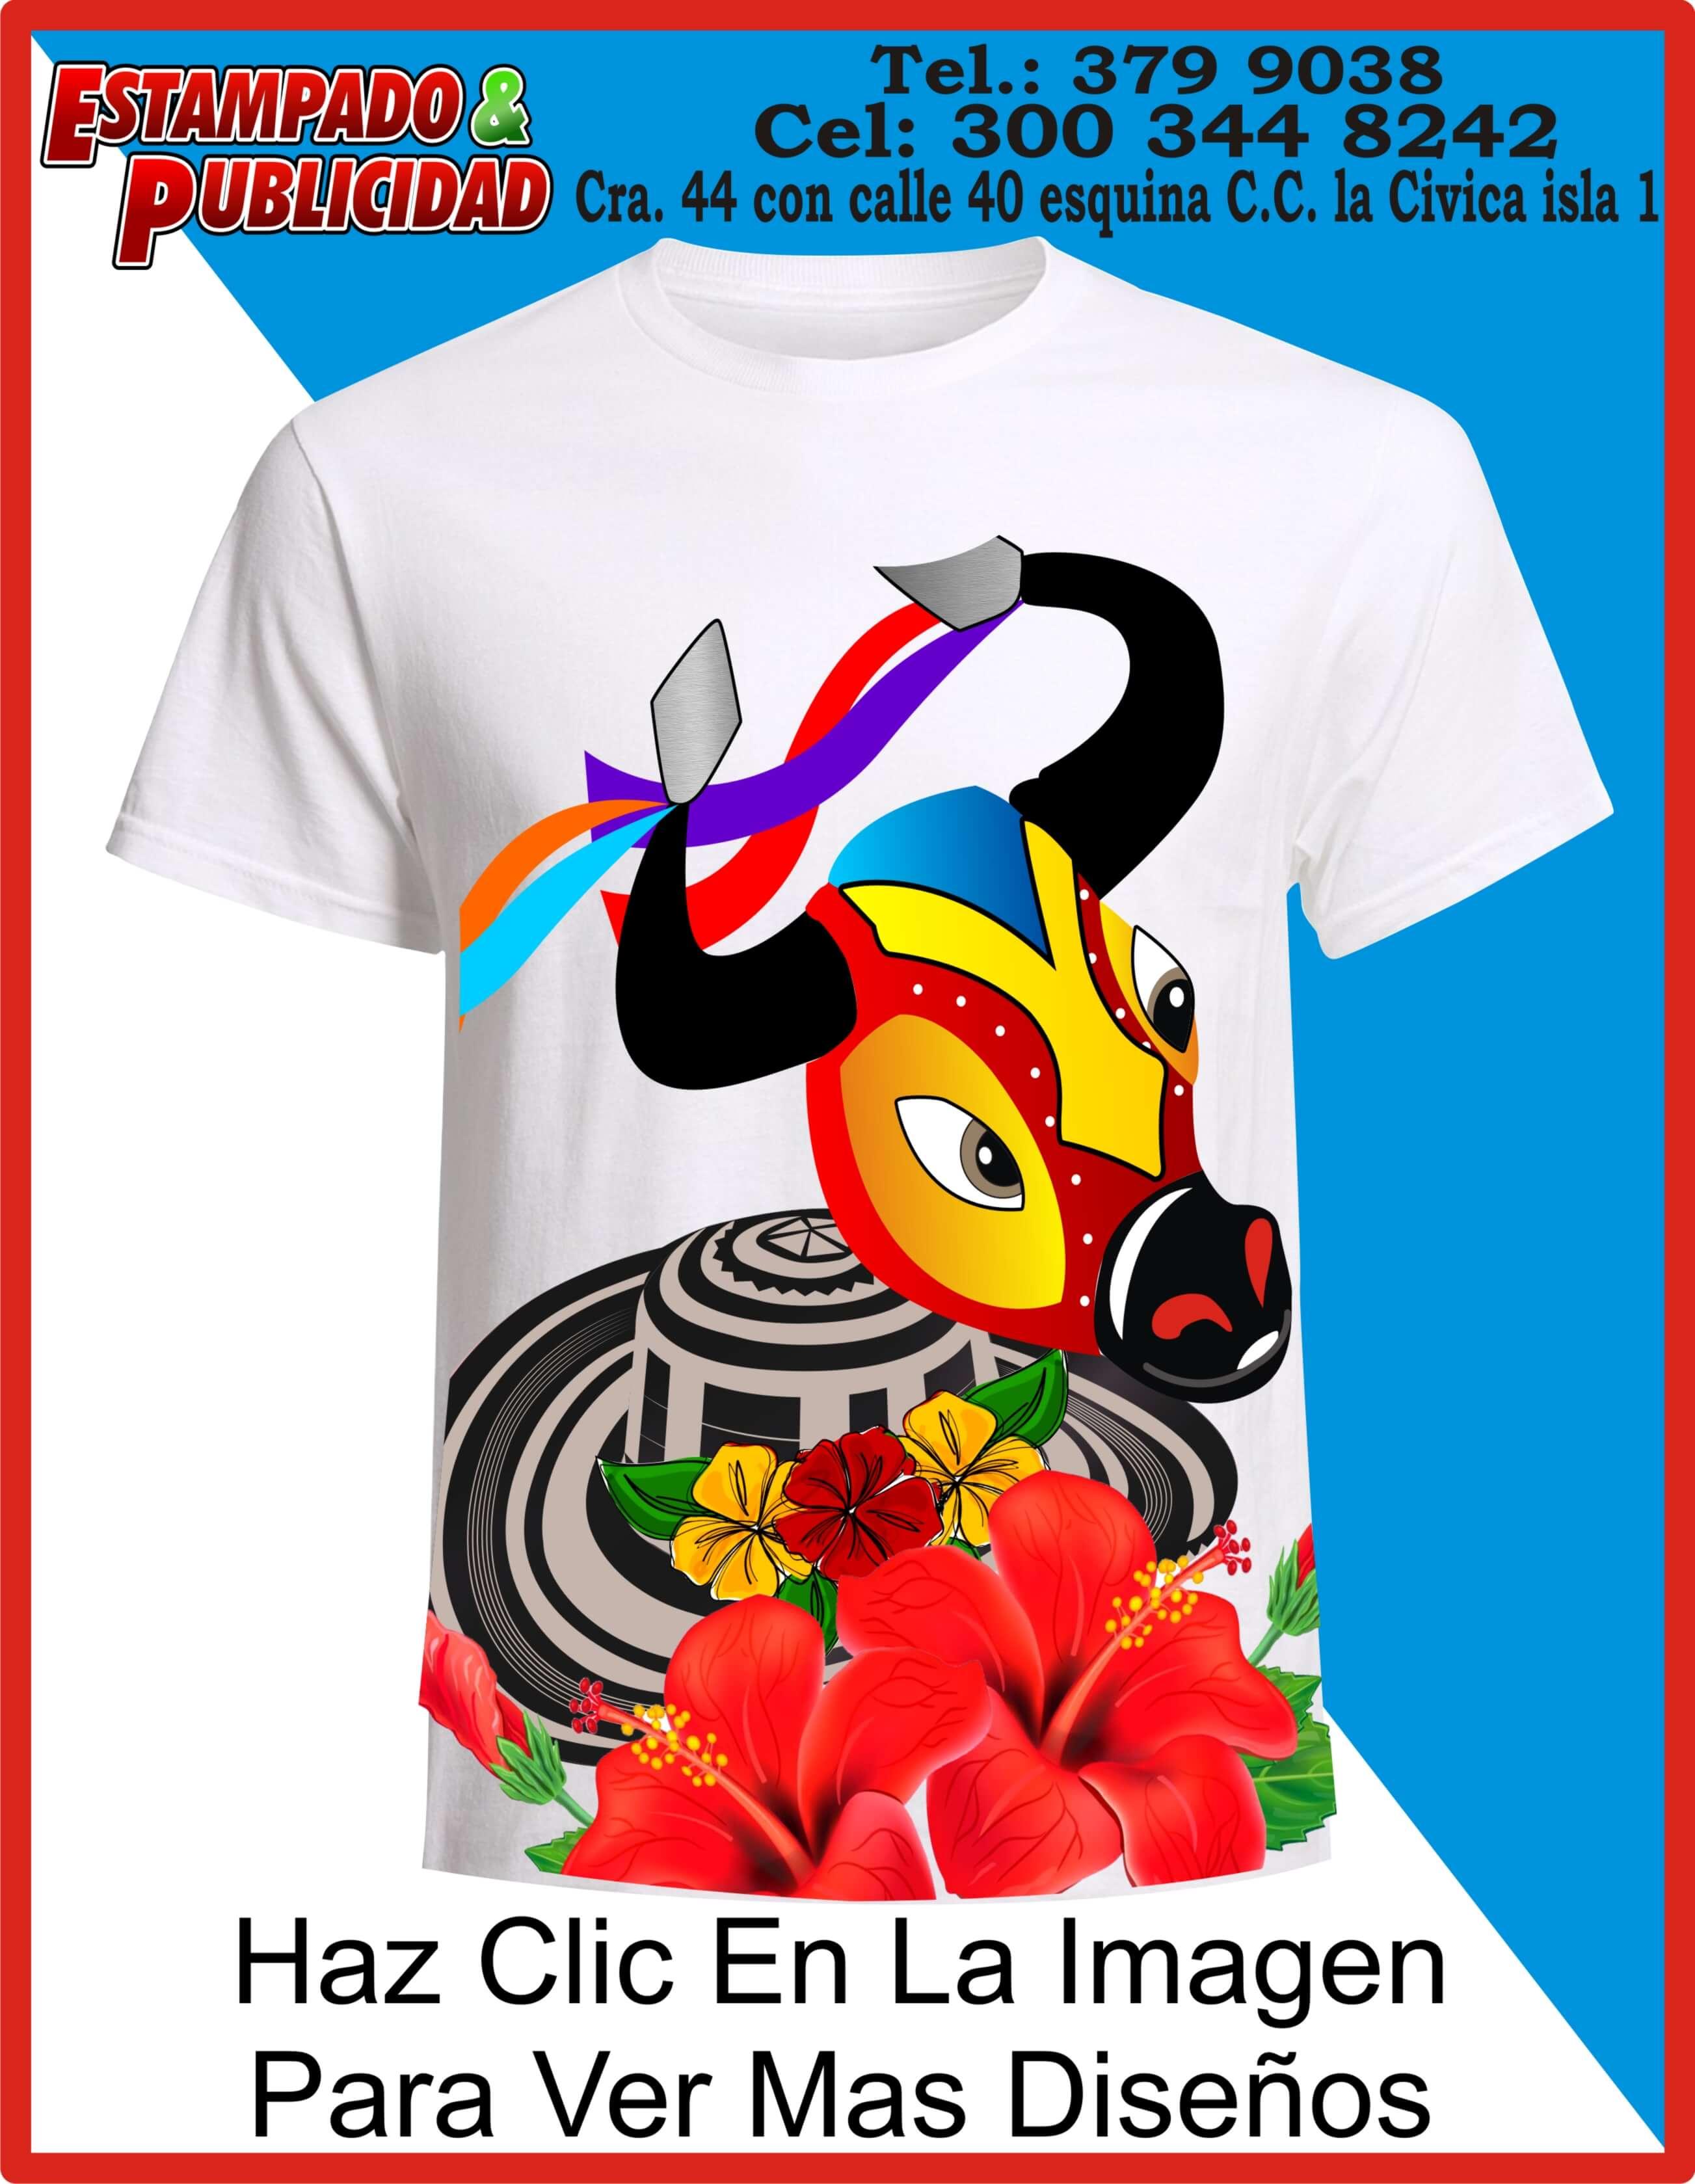 f02ac70567f camisas de carnaval barranquilla - Estampado y Publicidad